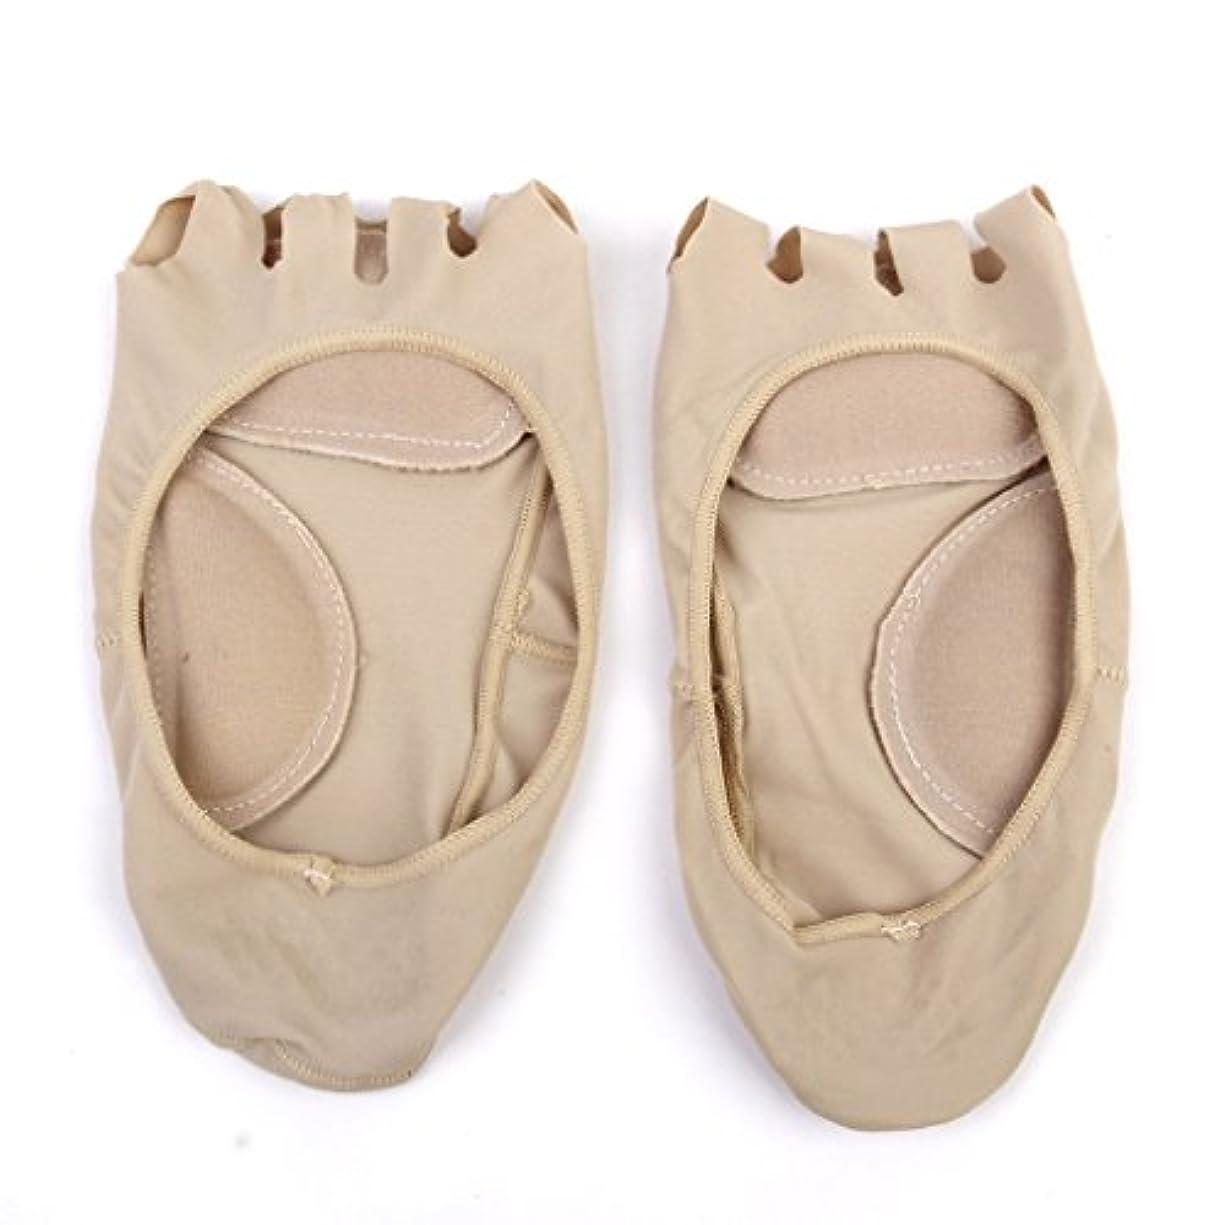 保守的割り当てます消化【Footful】ソックス 靴下 5つ本指つま先 ボートソックス マッサージパッド 見えない 滑り止め アンクルソックス (ヌード)